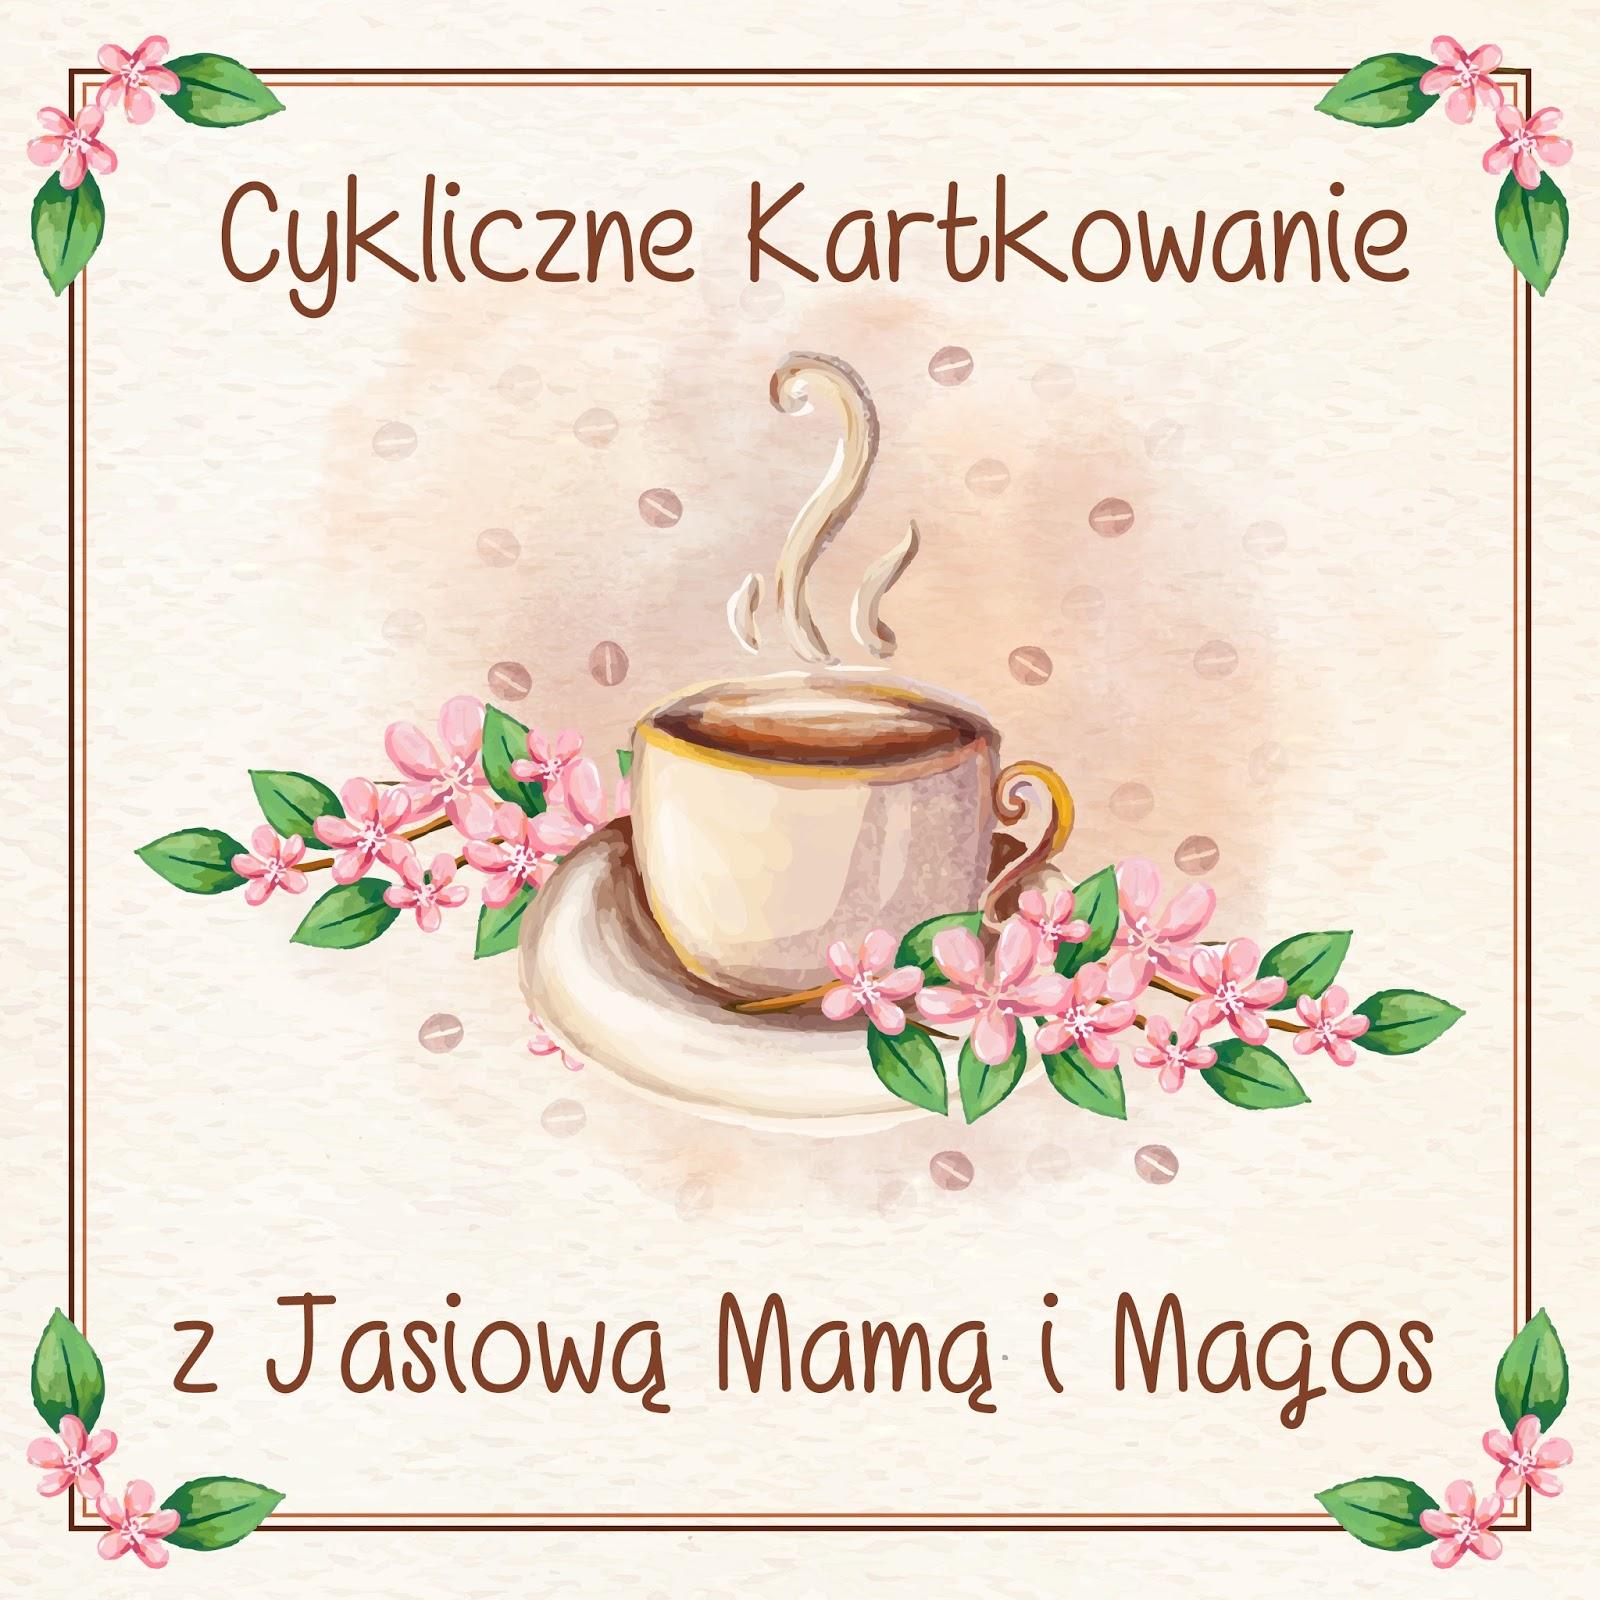 Zapraszam na Cykliczne Kartkowanie ze mną i Jasiową Mamą w 2018 roku :)